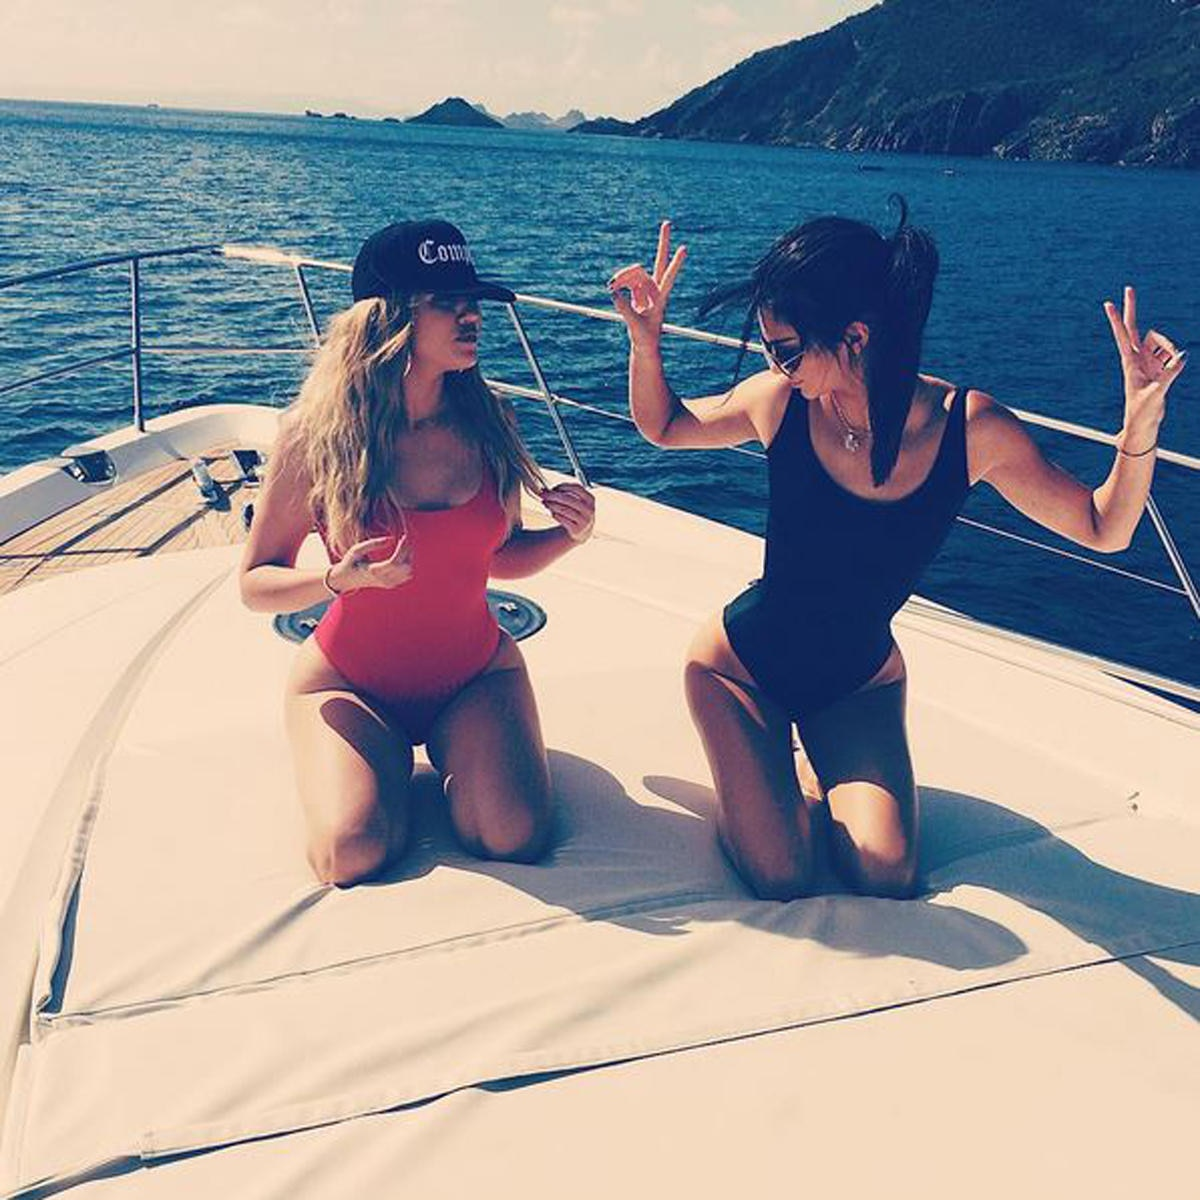 Die Social-Media-Profis Khloé Kardashian und Kendall Jenner wissen natürlich wie man den Trend richtig umsetzt.